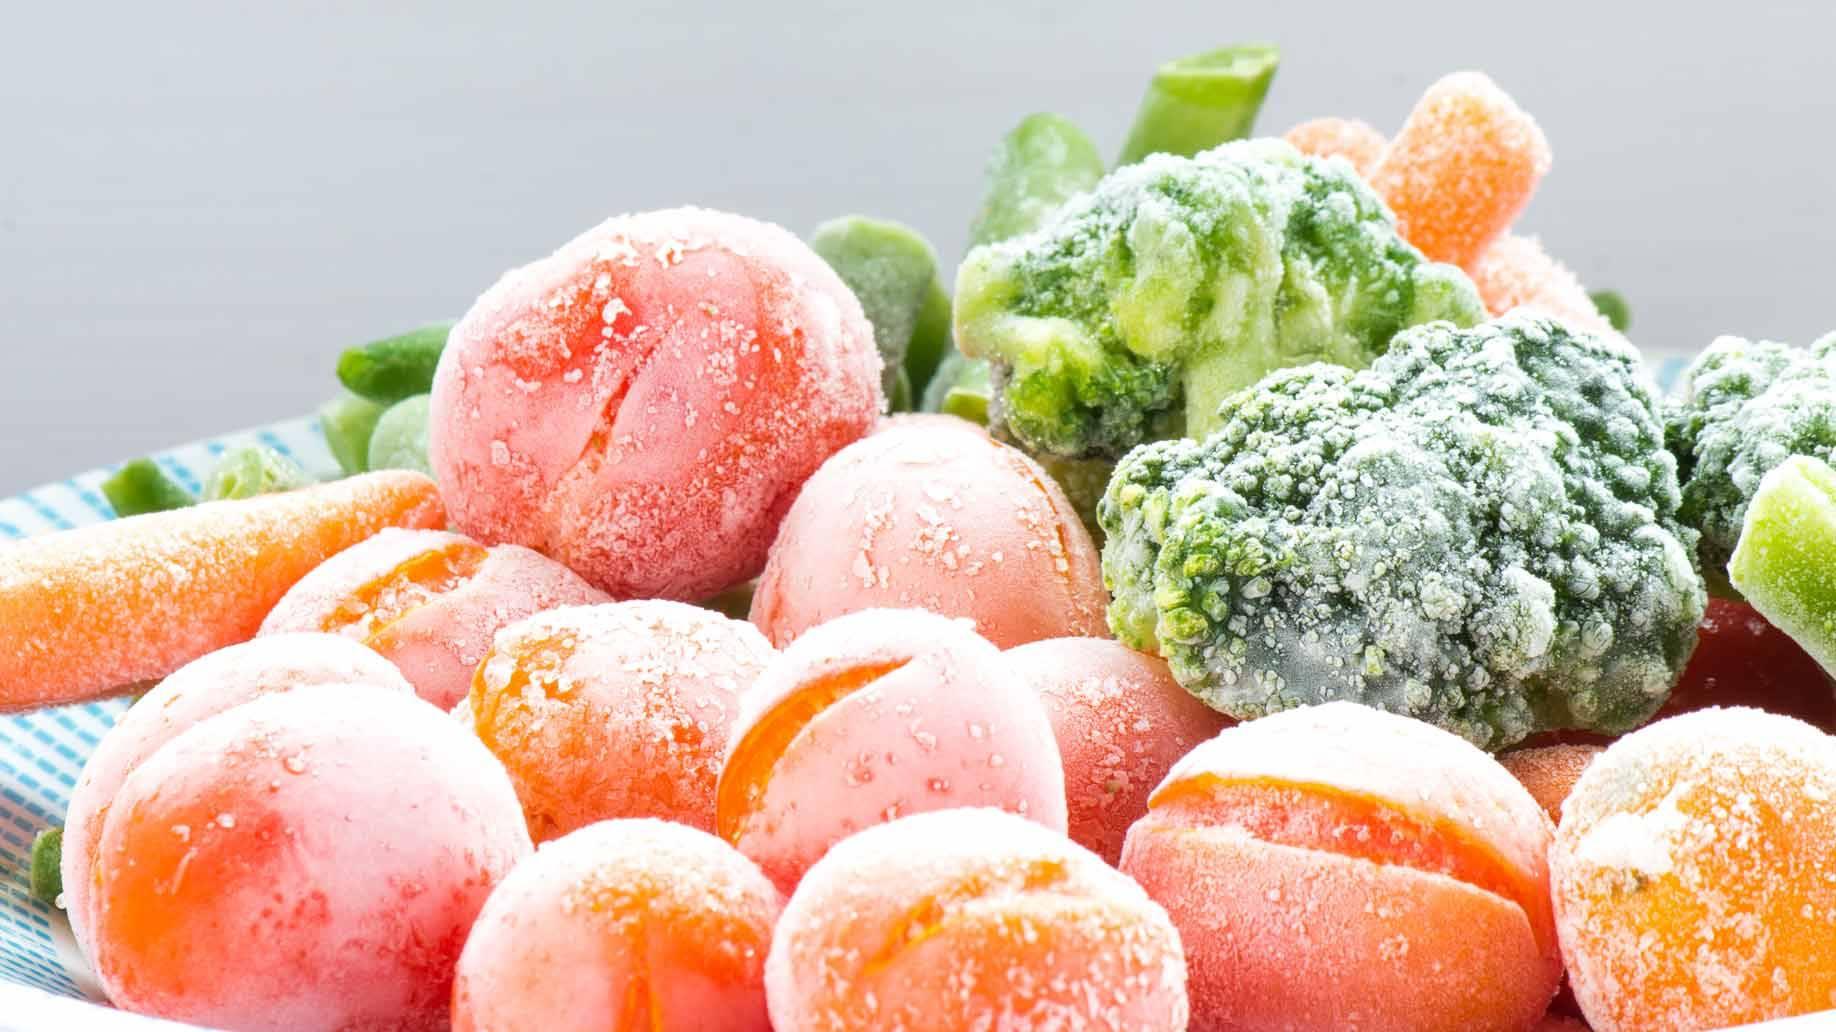 9 thực phẩm có thể bảo quản đông lạnh mà không ảnh hưởng nhiều đến chất lượng